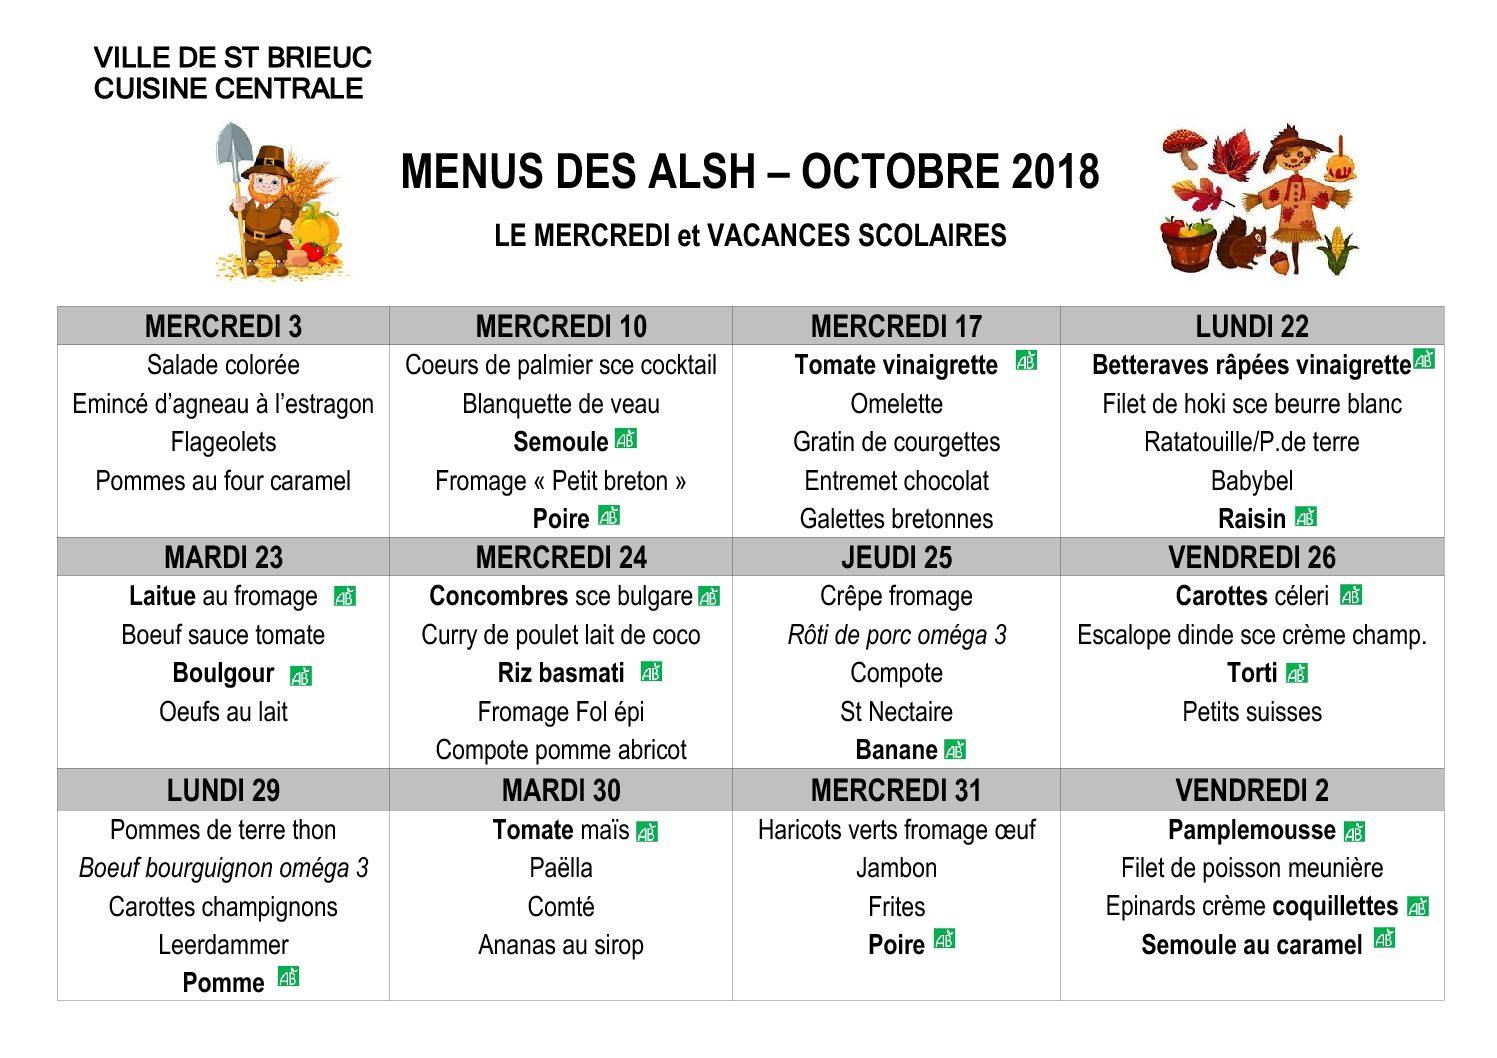 Les menus du mois d'Octobre, mercredis et vacances scolaires